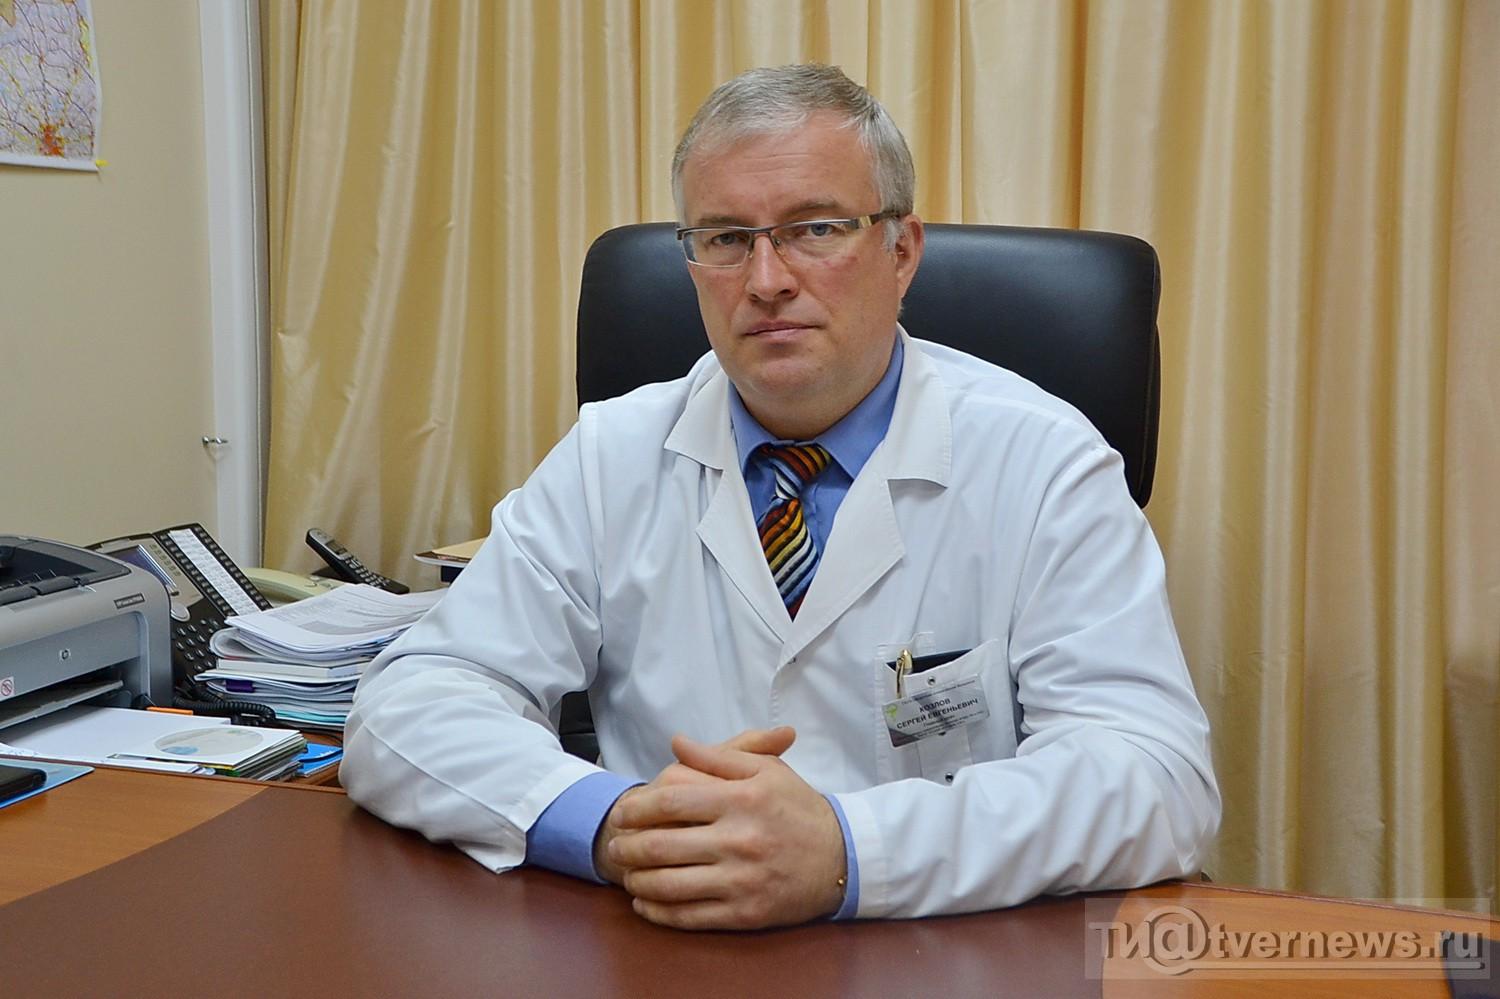 Остеохондроз врач тверь